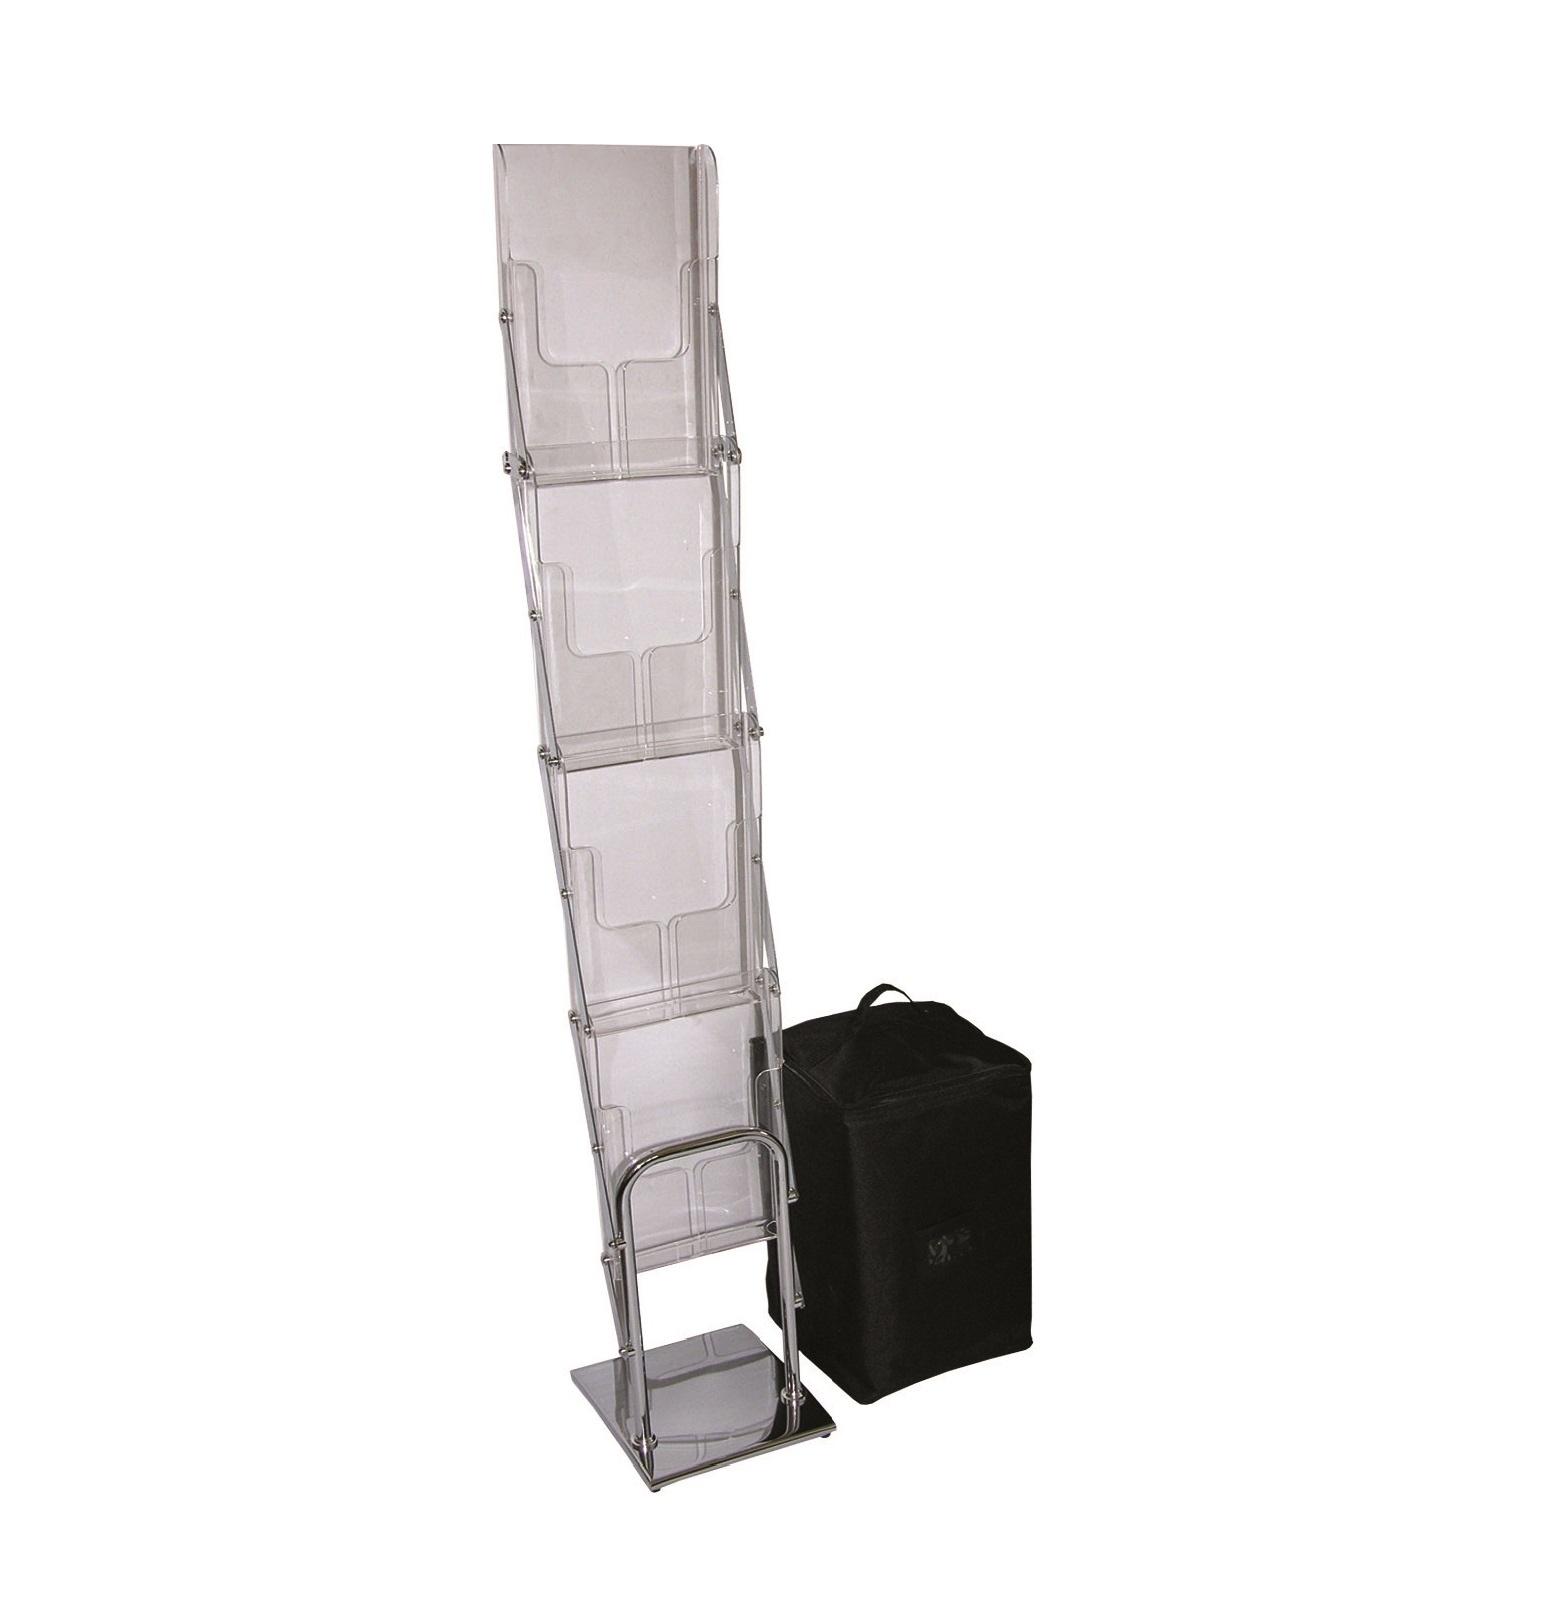 stojak na ulotki nice fold, składany stojak na foldery